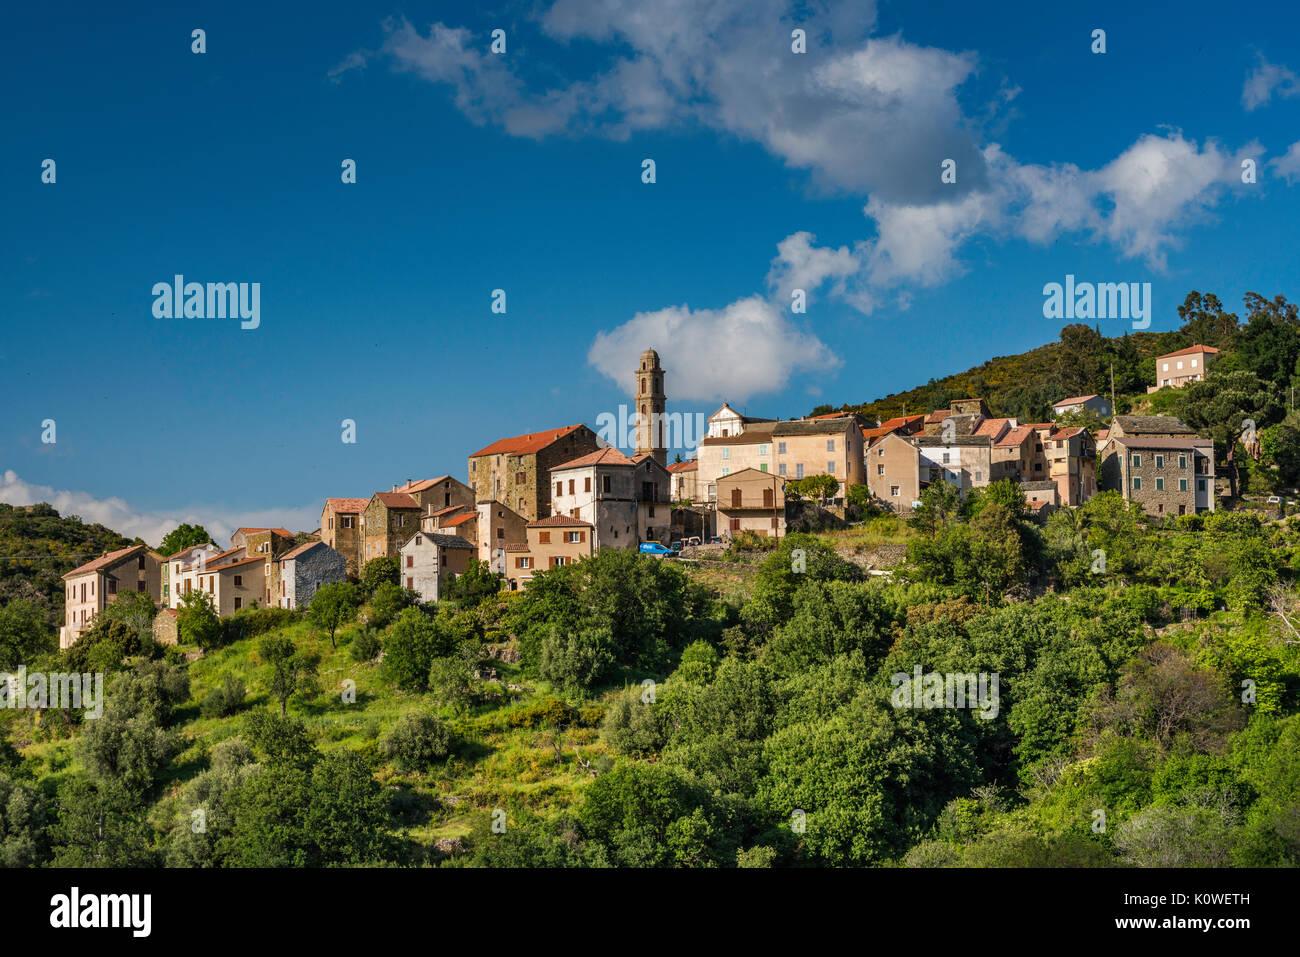 Città sulla collina di Pieve, il Nebbio regione, Haute-Corse reparto, Corsica, Francia Immagini Stock